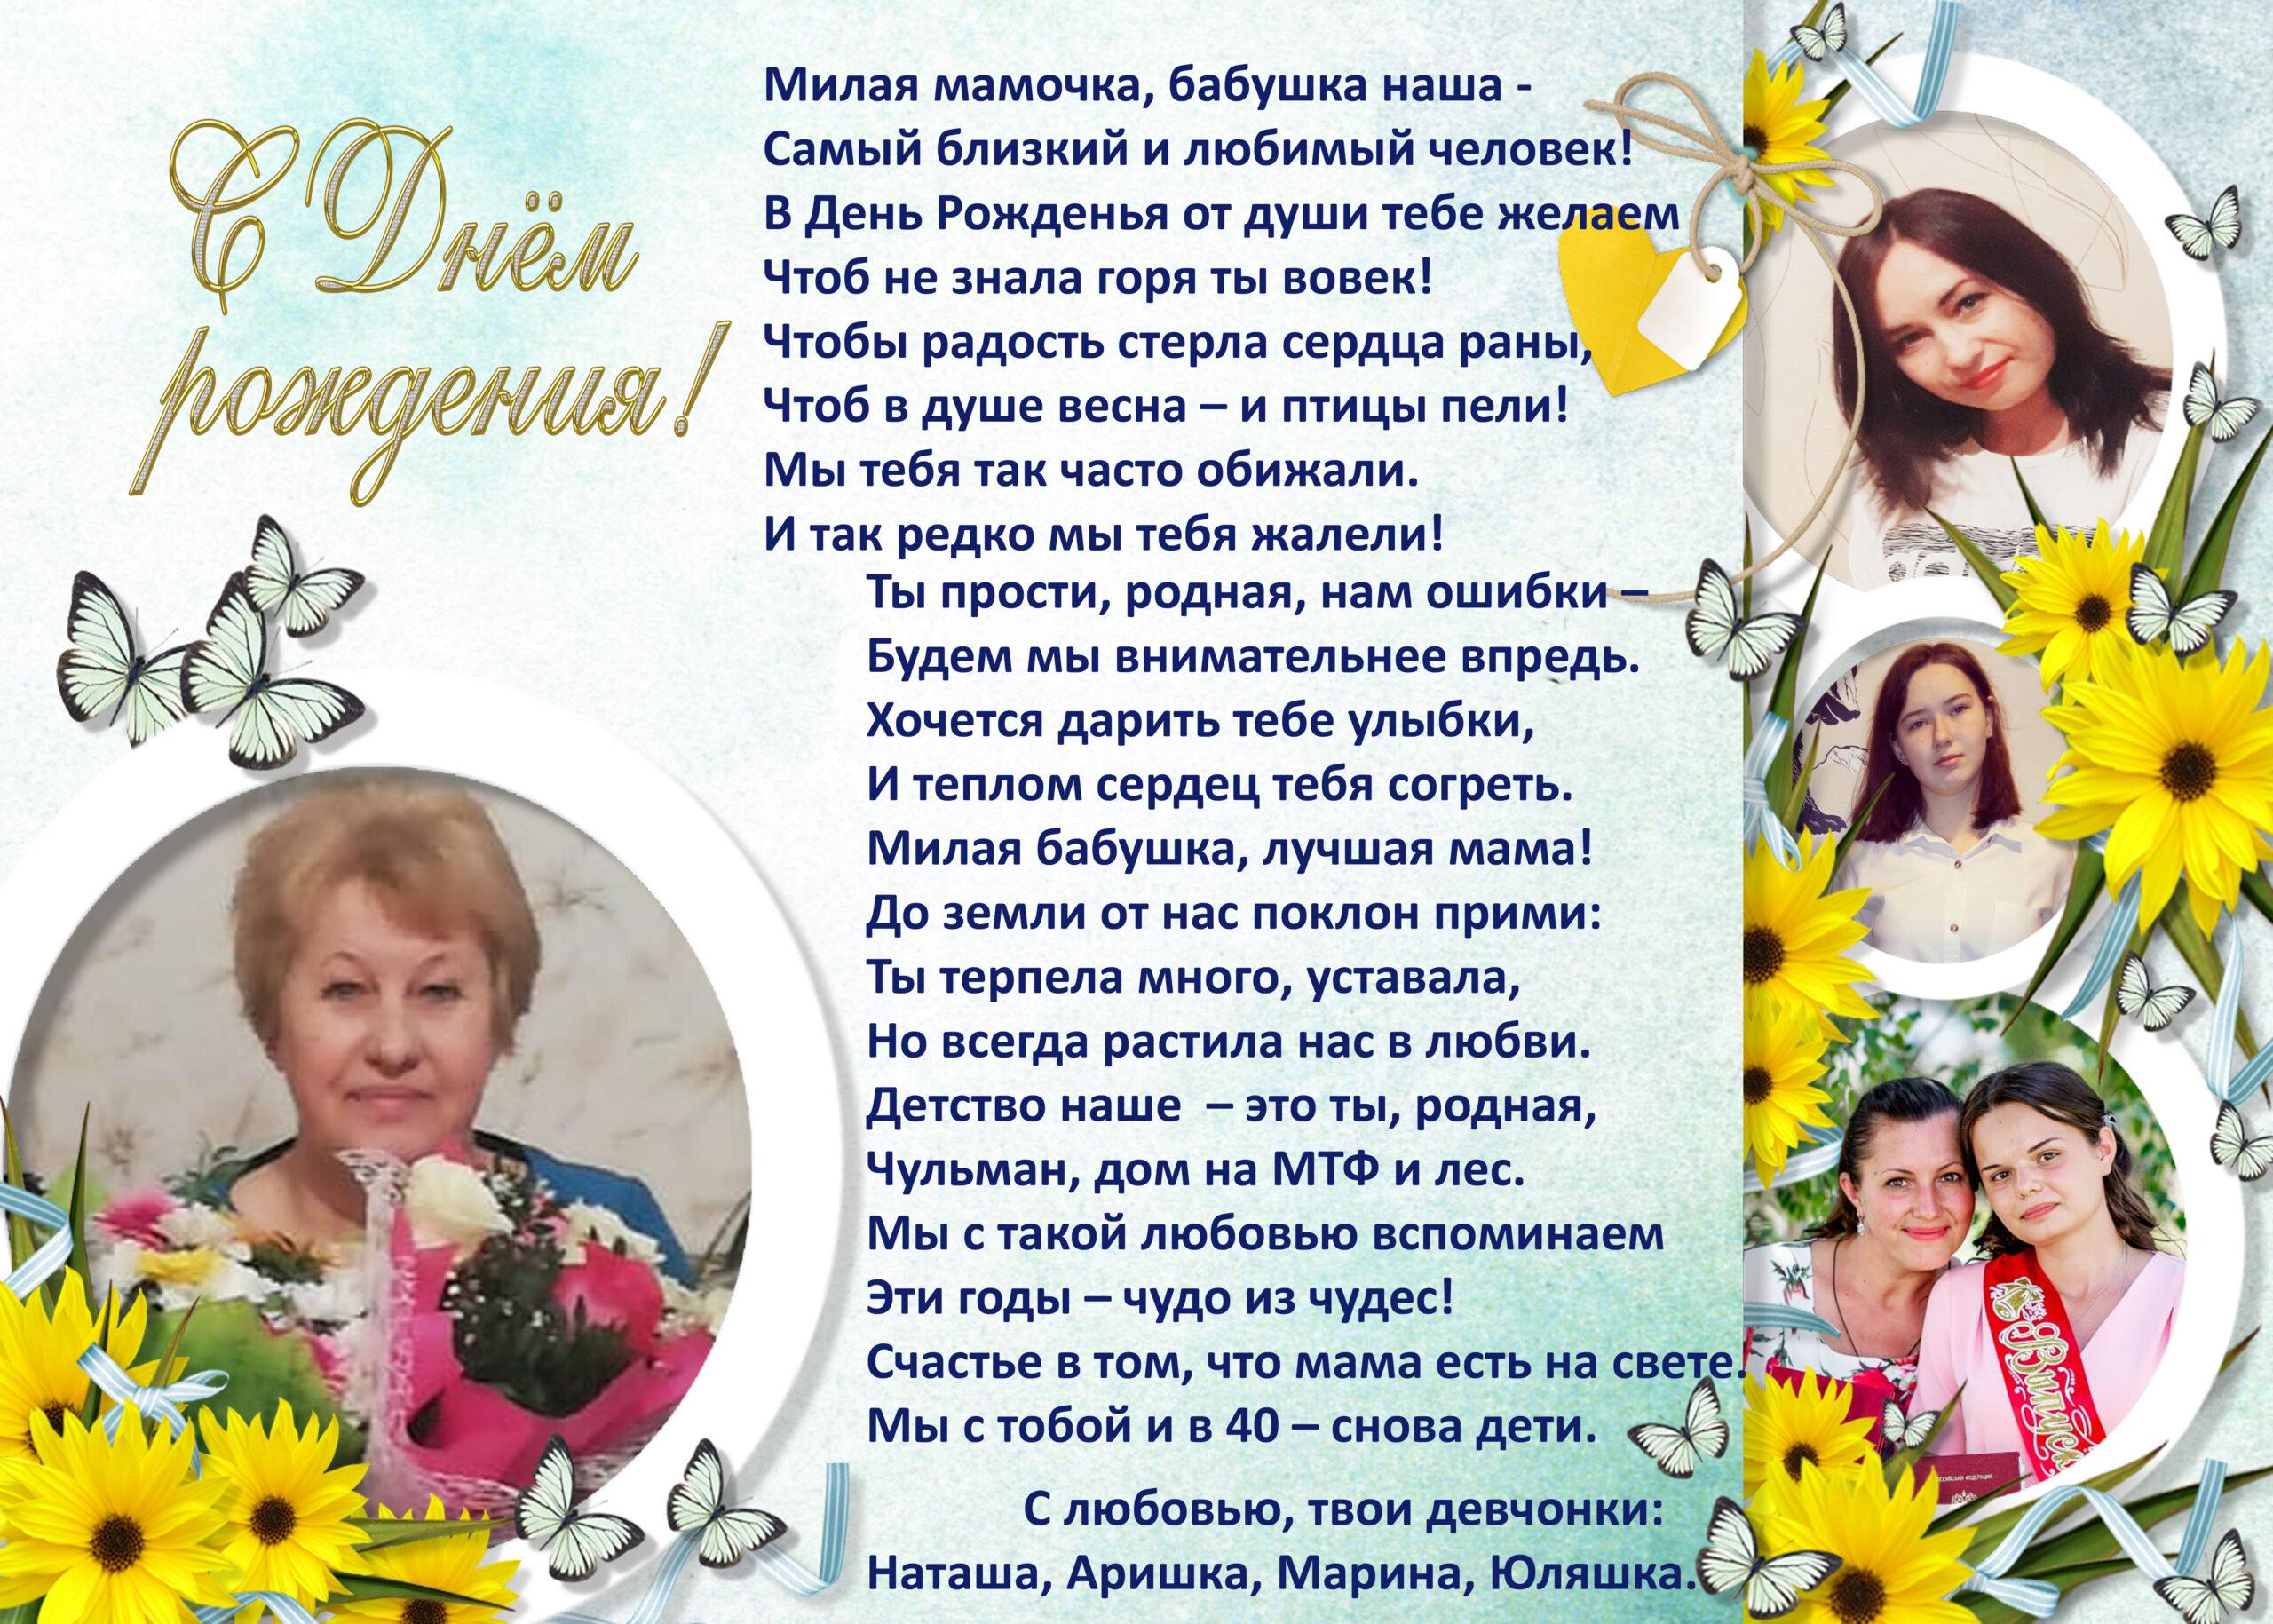 Открытка на заказ, поздравление в стихах на заказ, заказать стихи для мамы, заказать поздравление для мамы